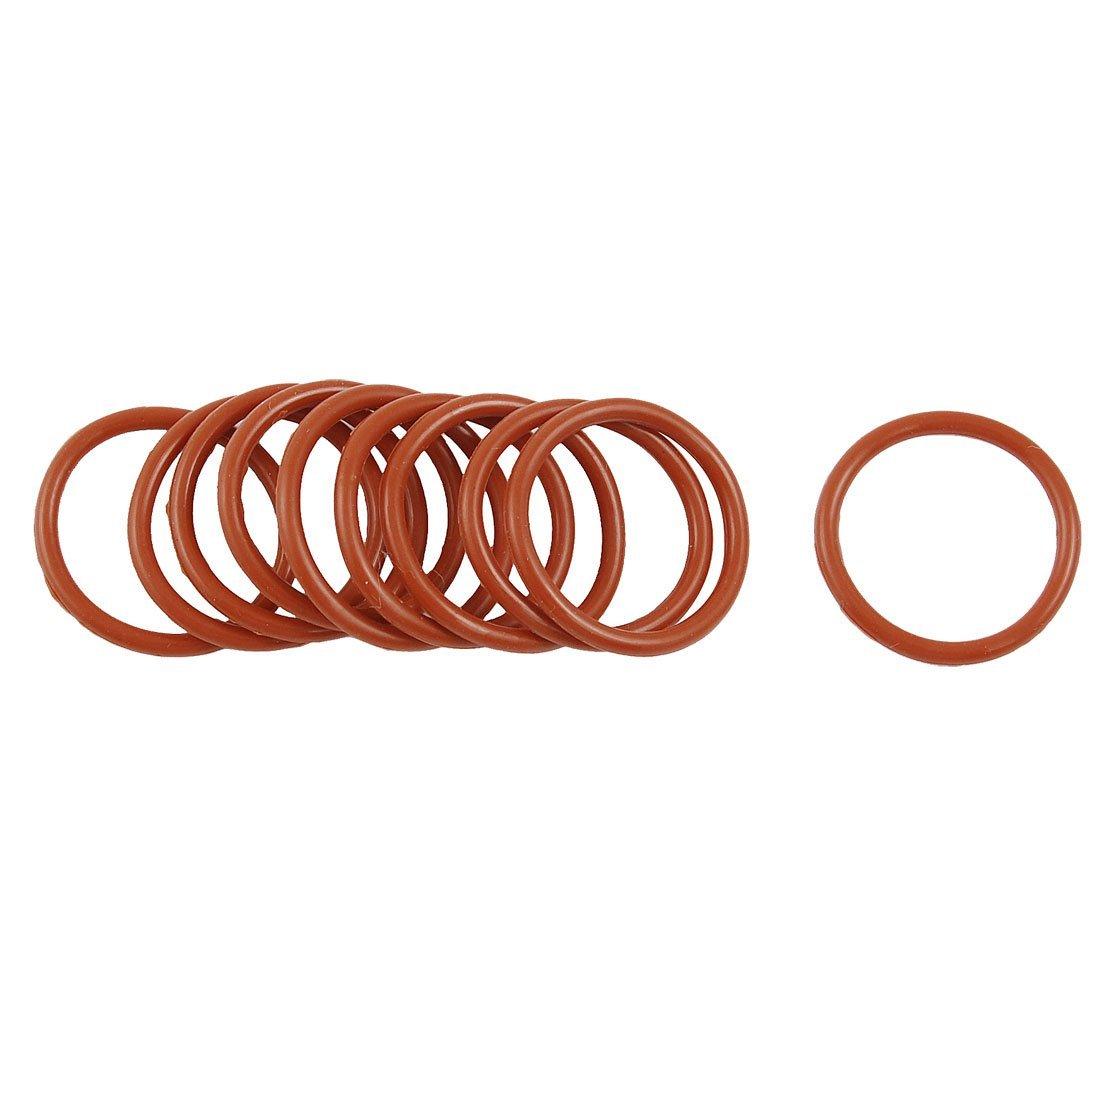 Uxcell deep red 22 mm dùng quá liều đấy 2 mm độ dày silica gel o nhẫn dầu đóng miếng đệm (10)